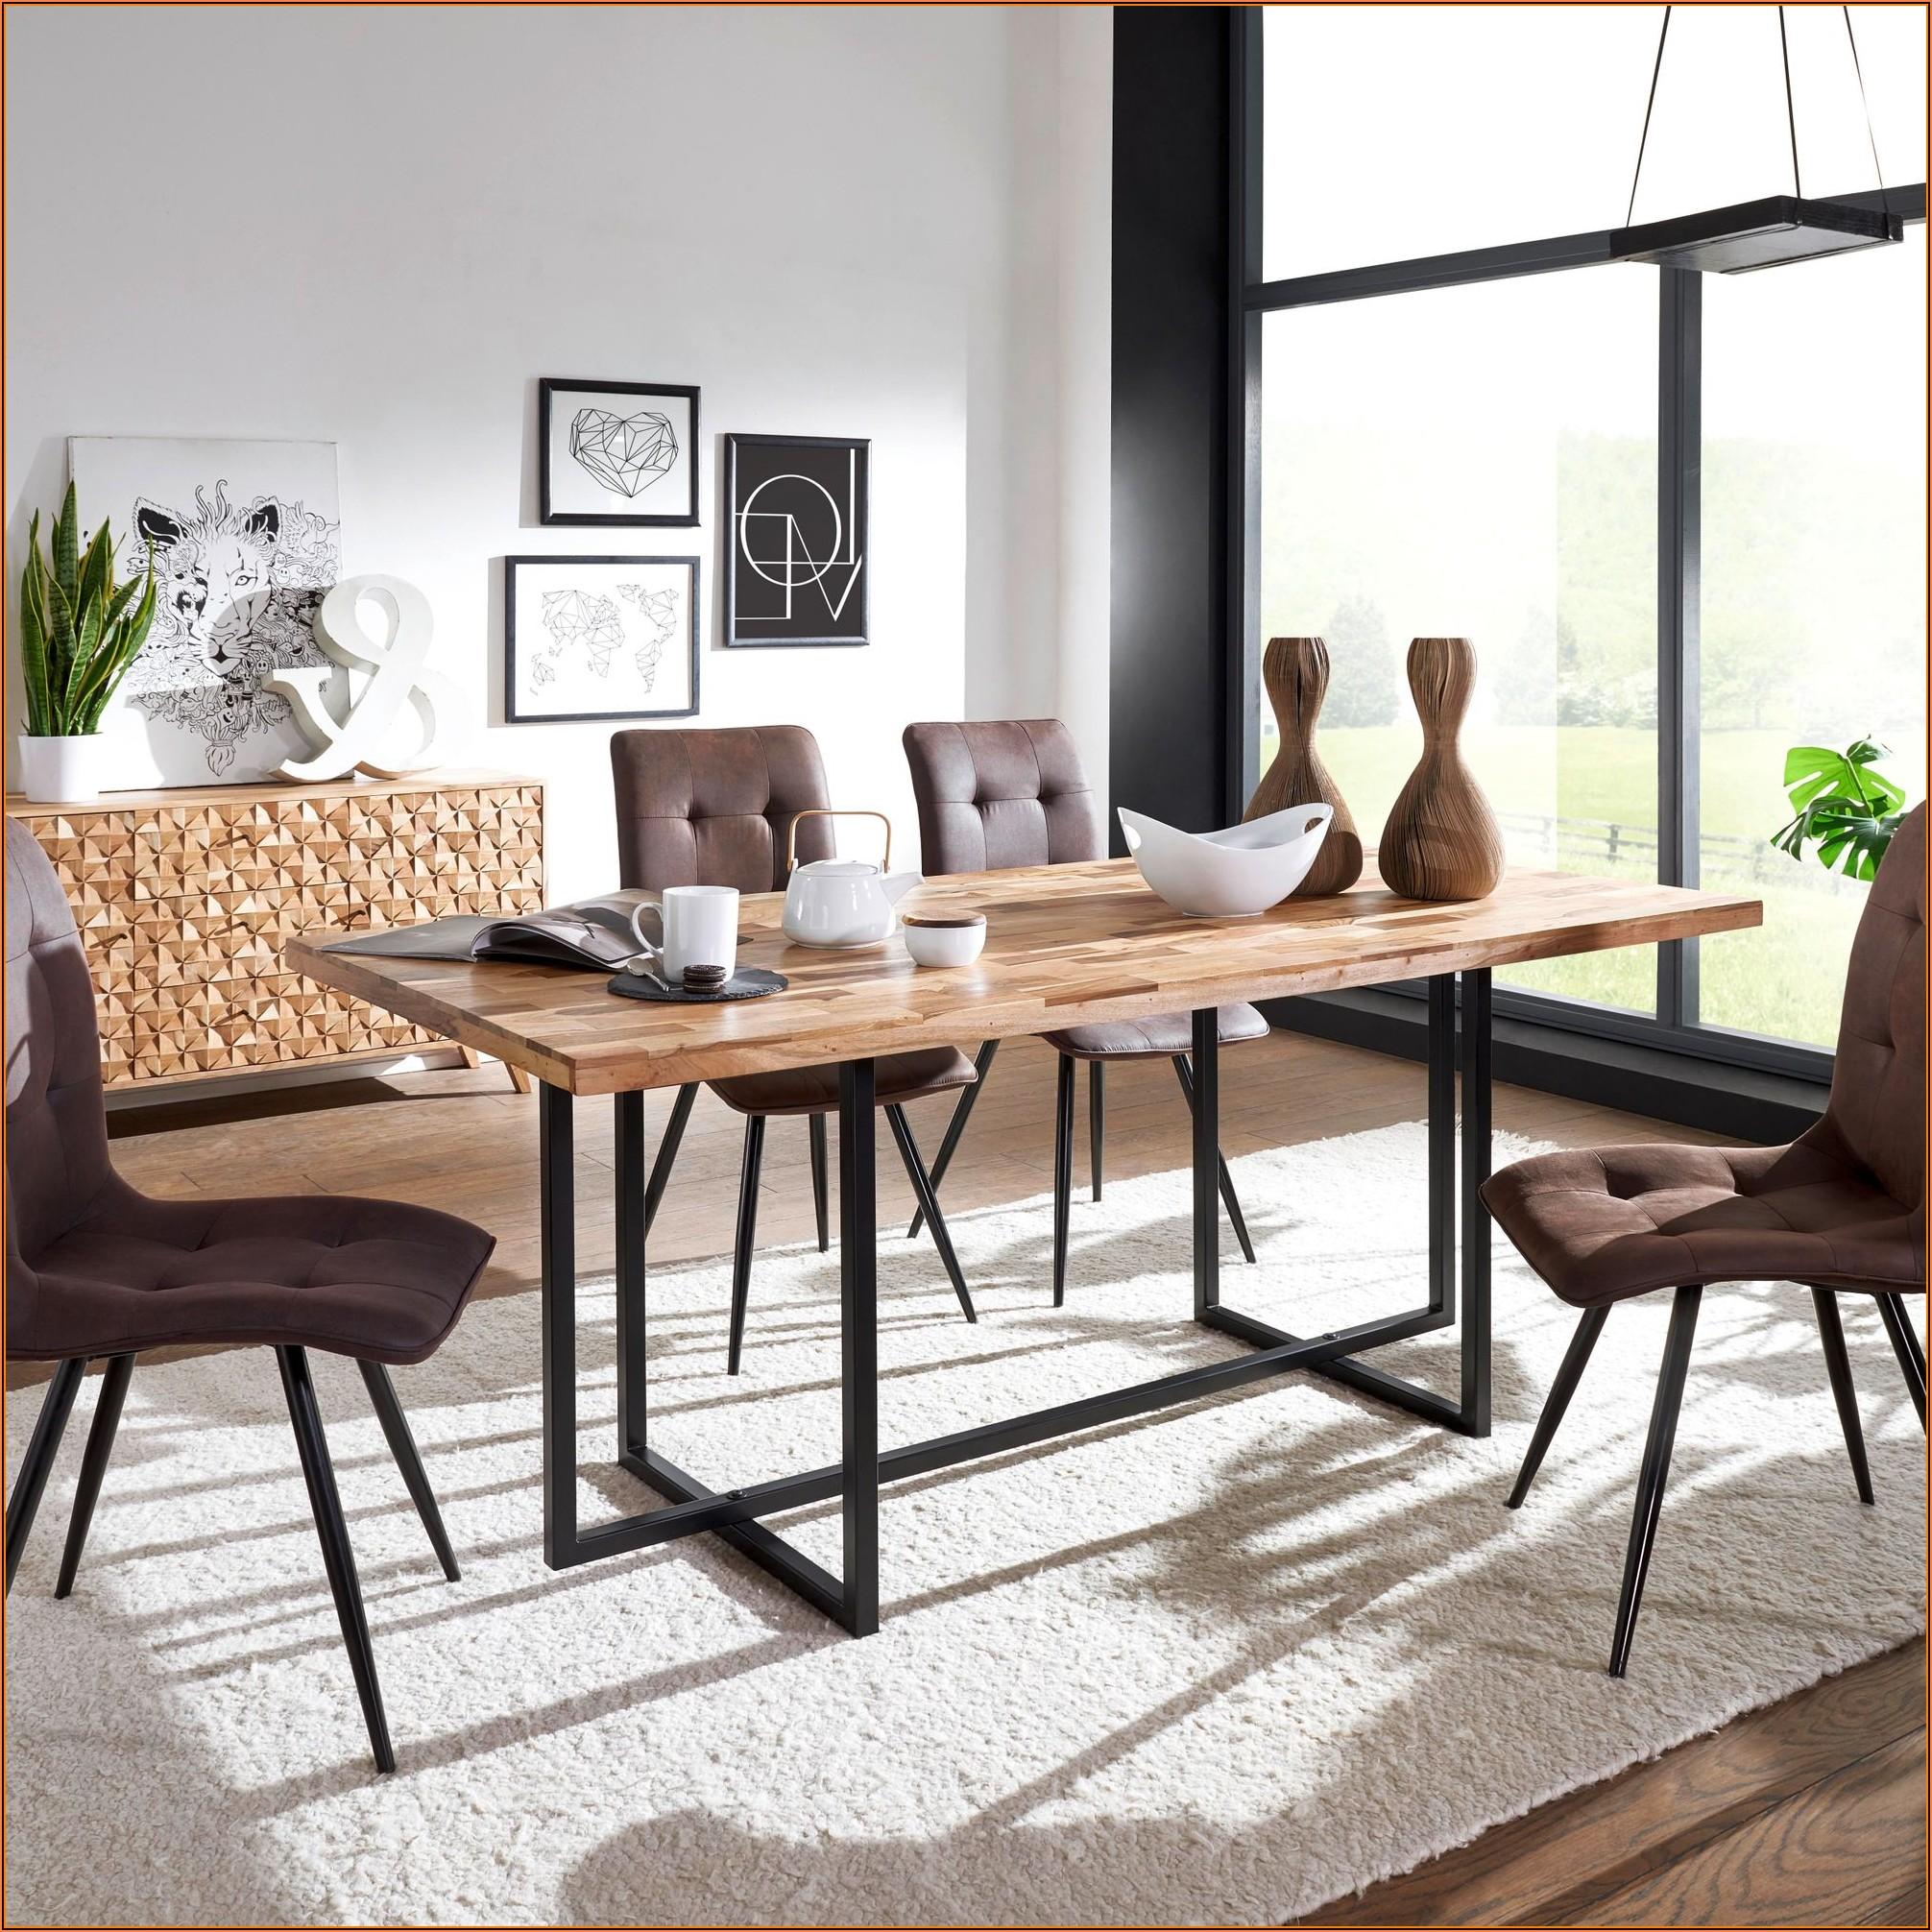 Xxl Esszimmer Stühle